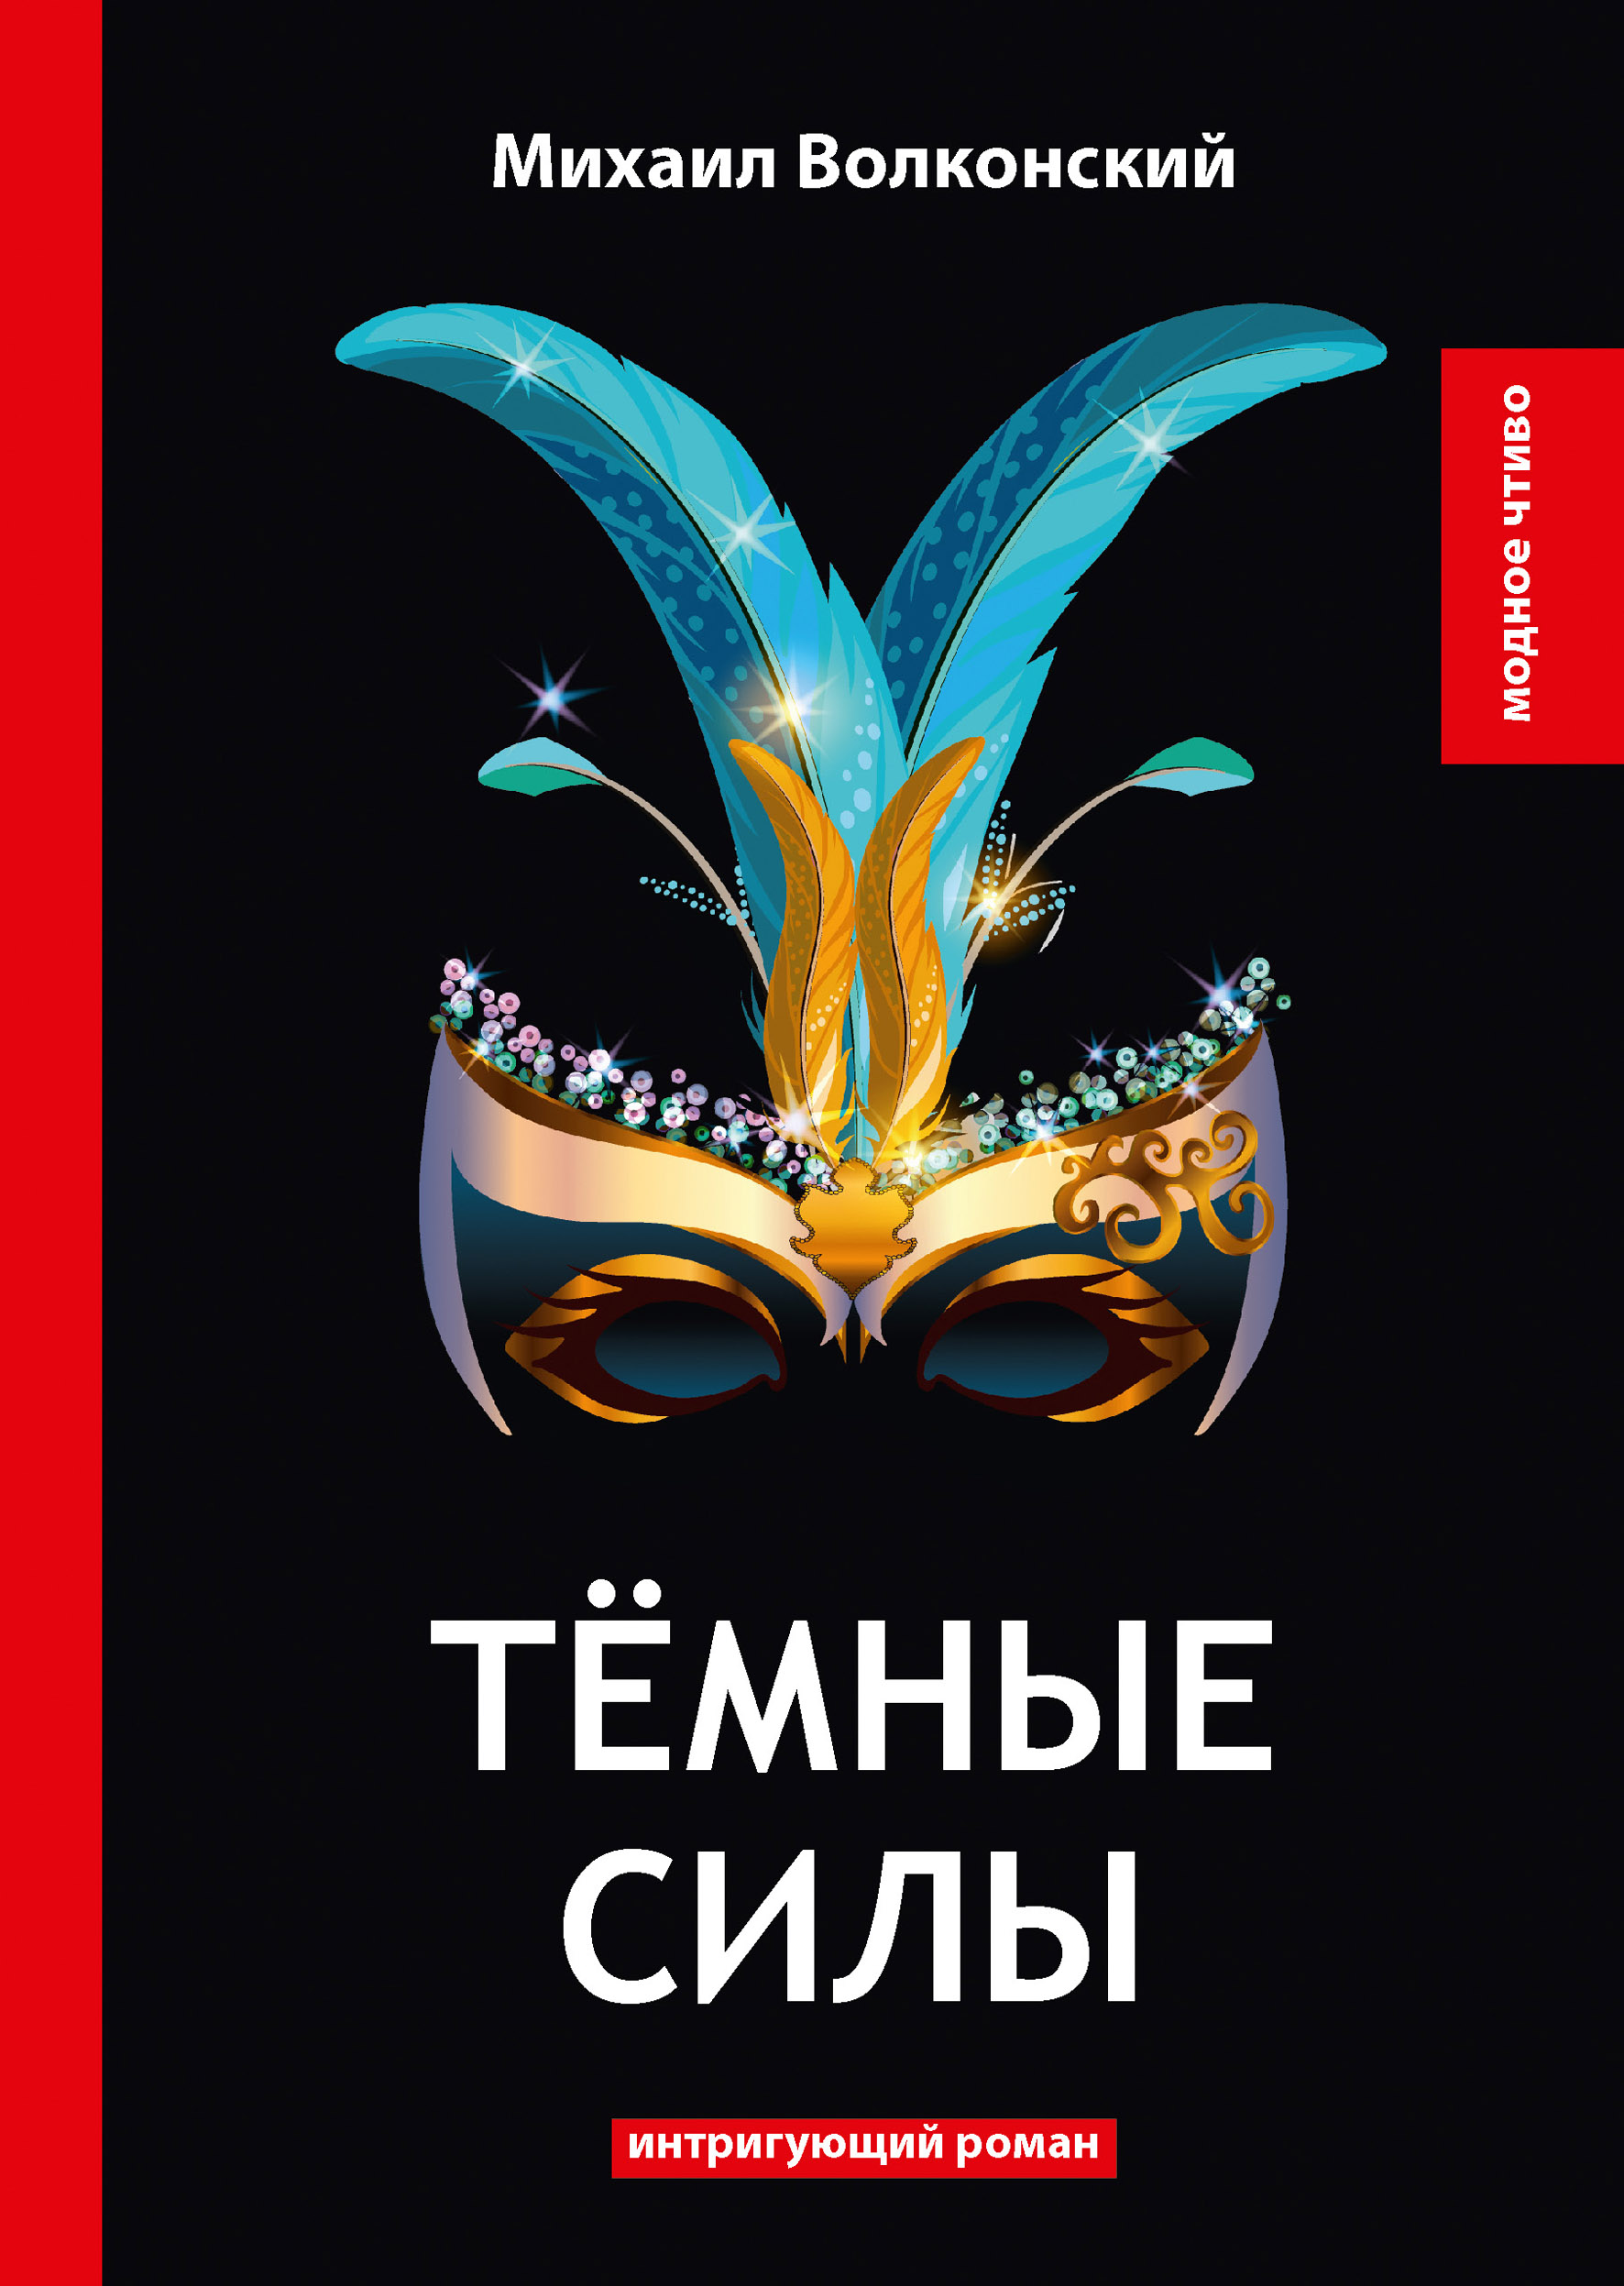 Михаил Волконский Темные силы